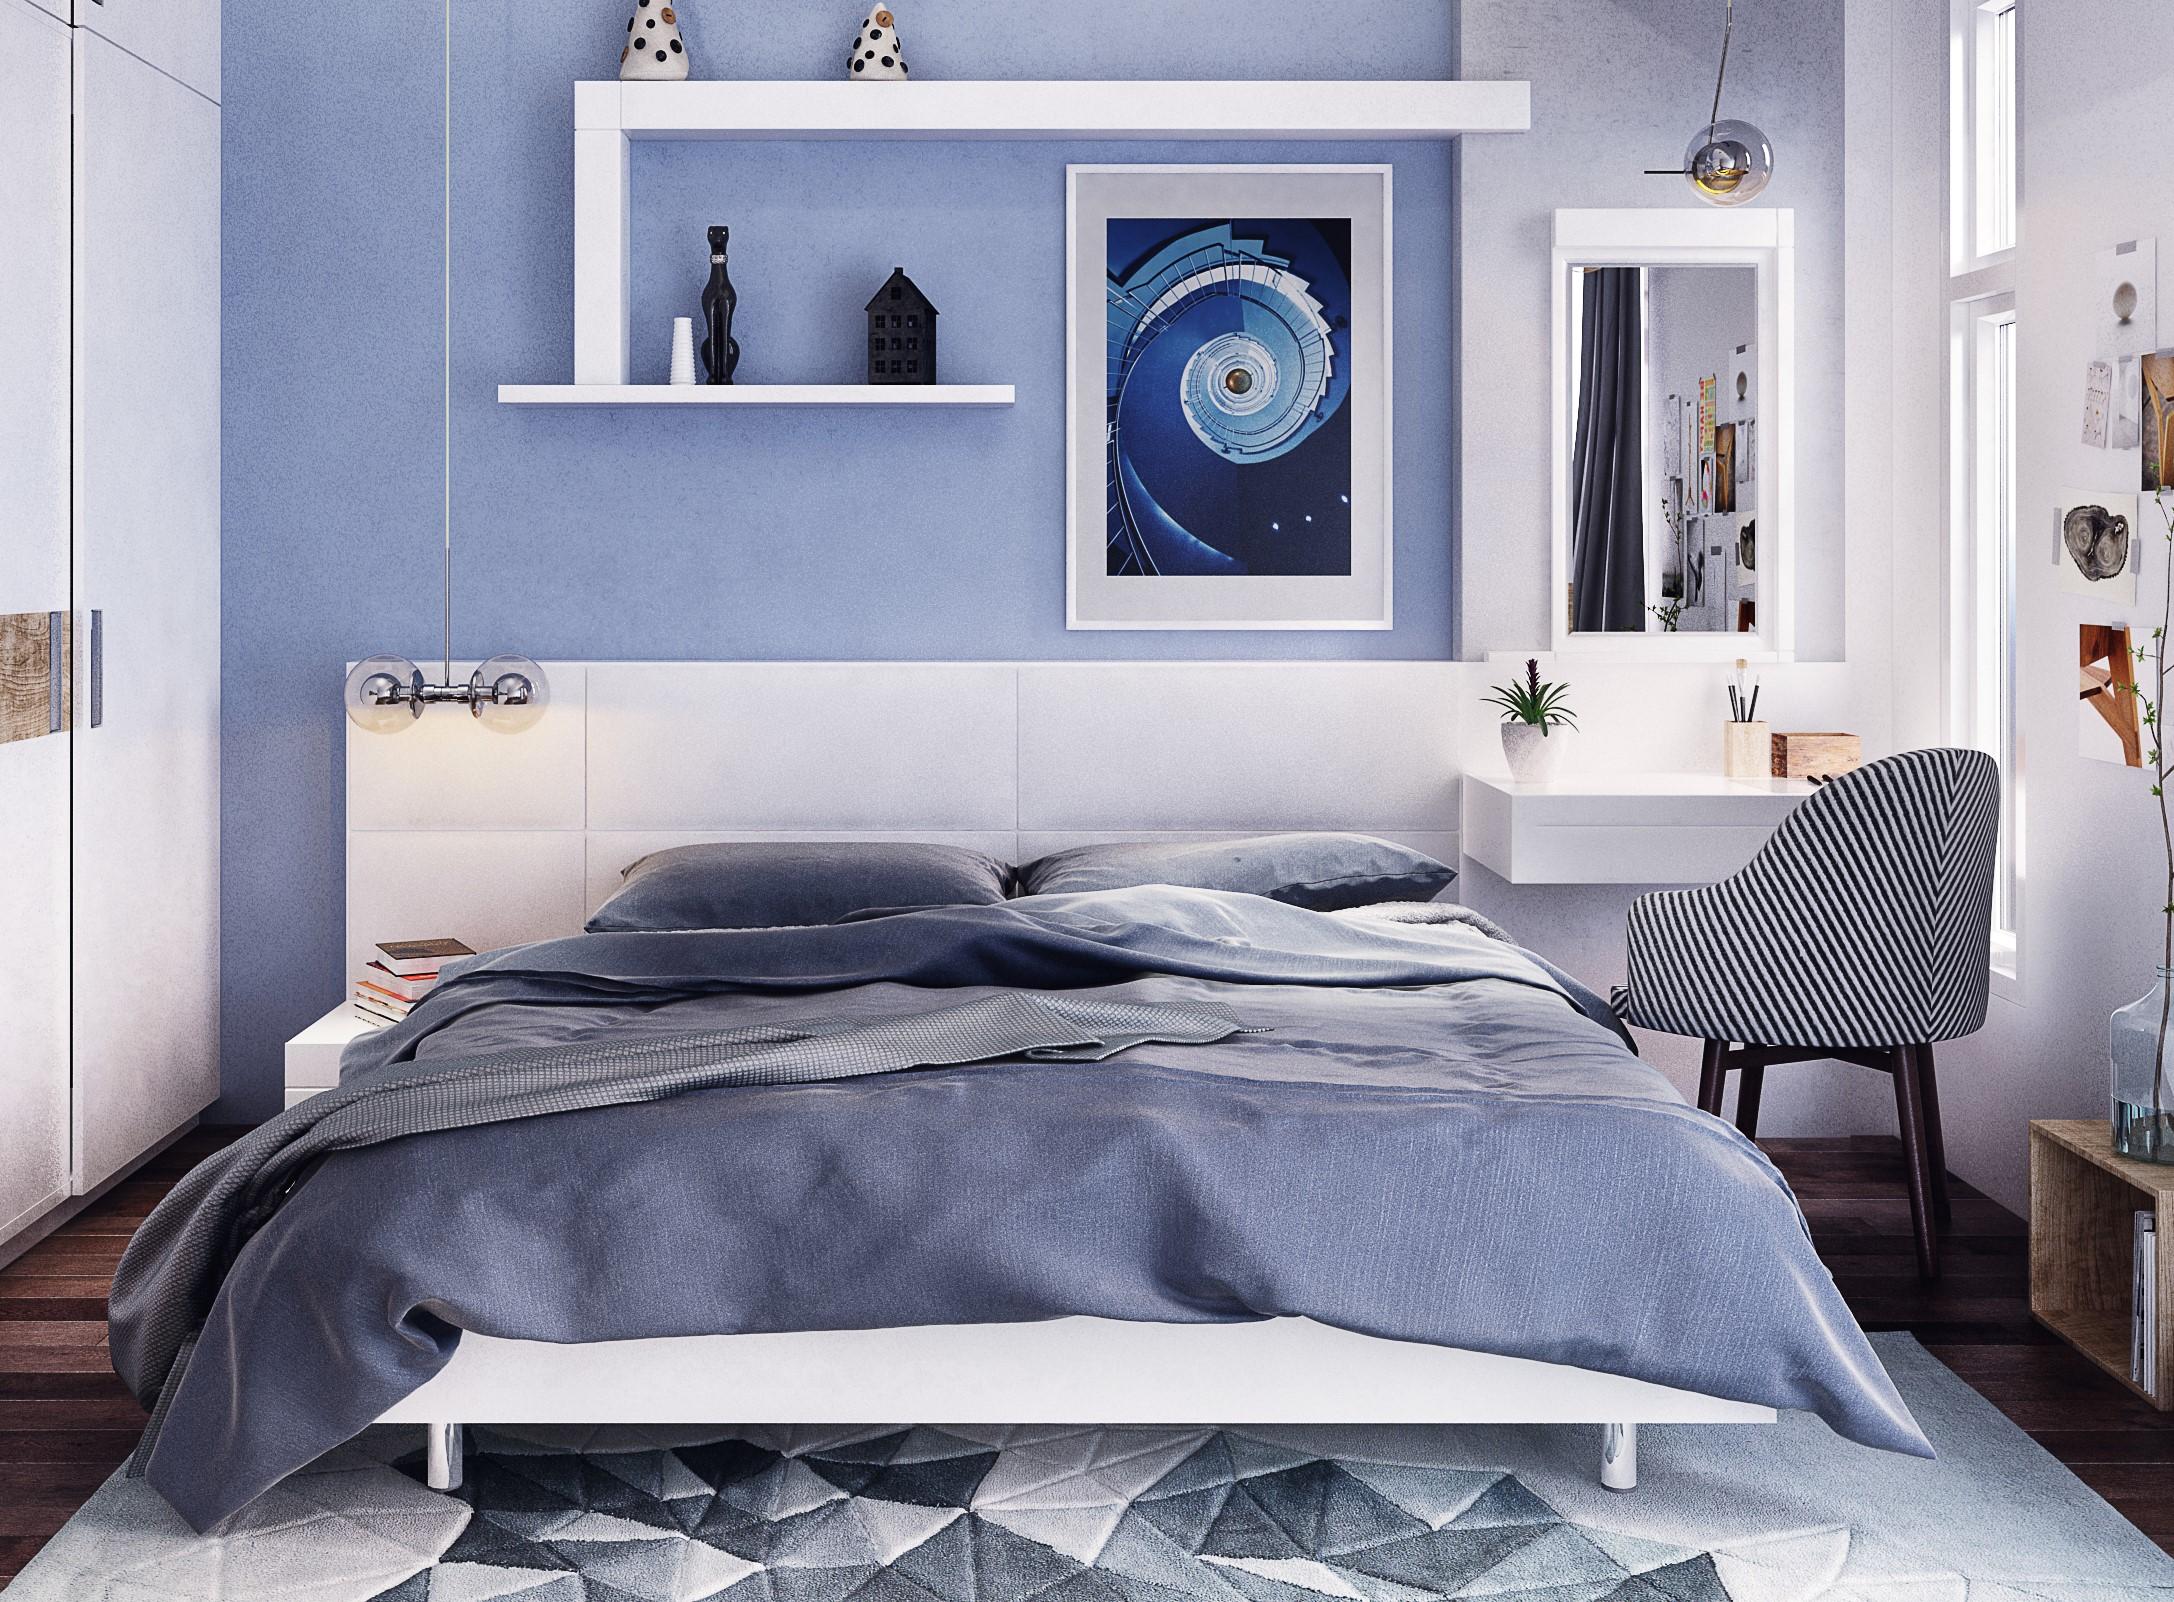 Nội thất phòng ngủ đơn giản màu xanh dương